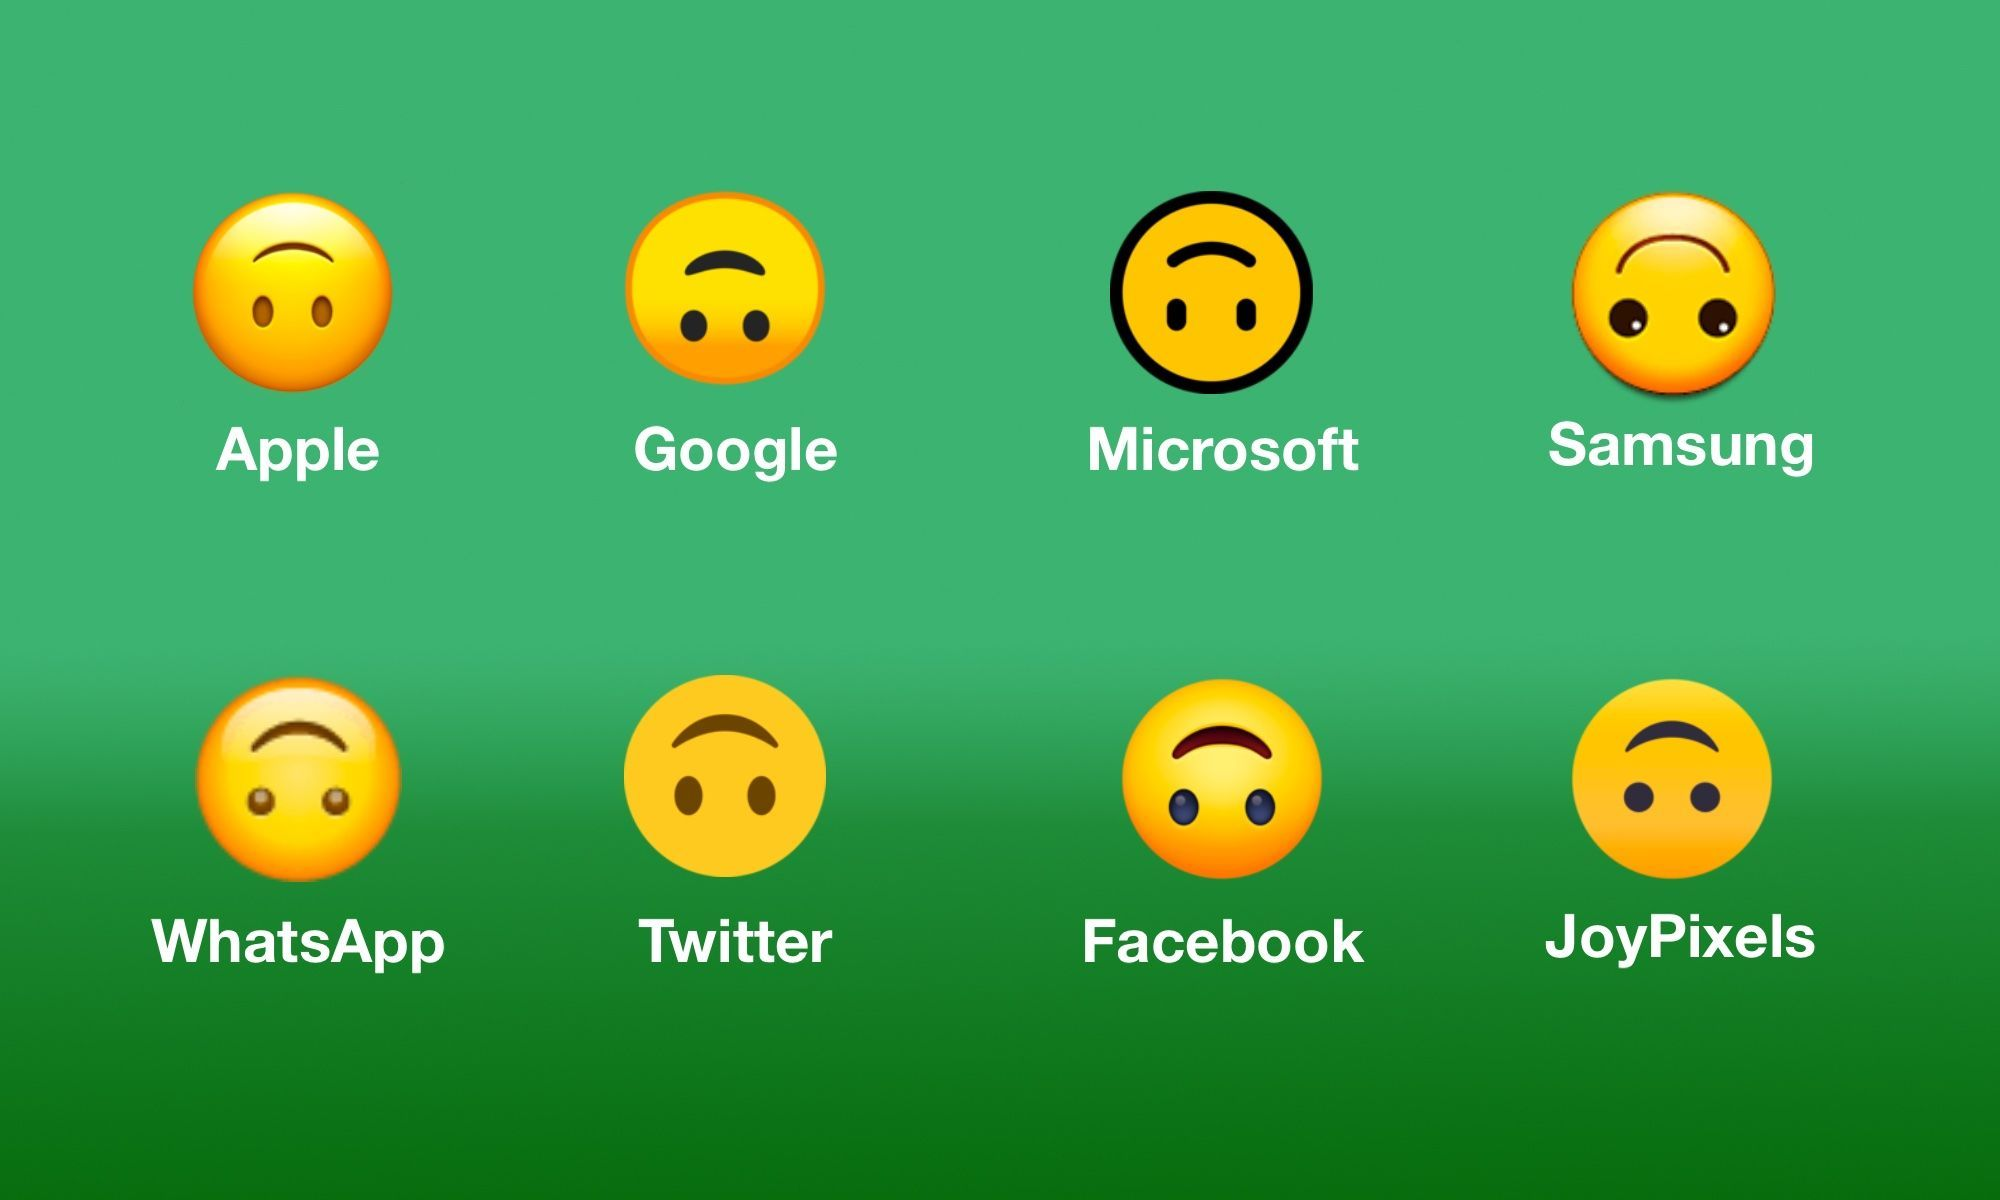 Emojipedia on Twitter